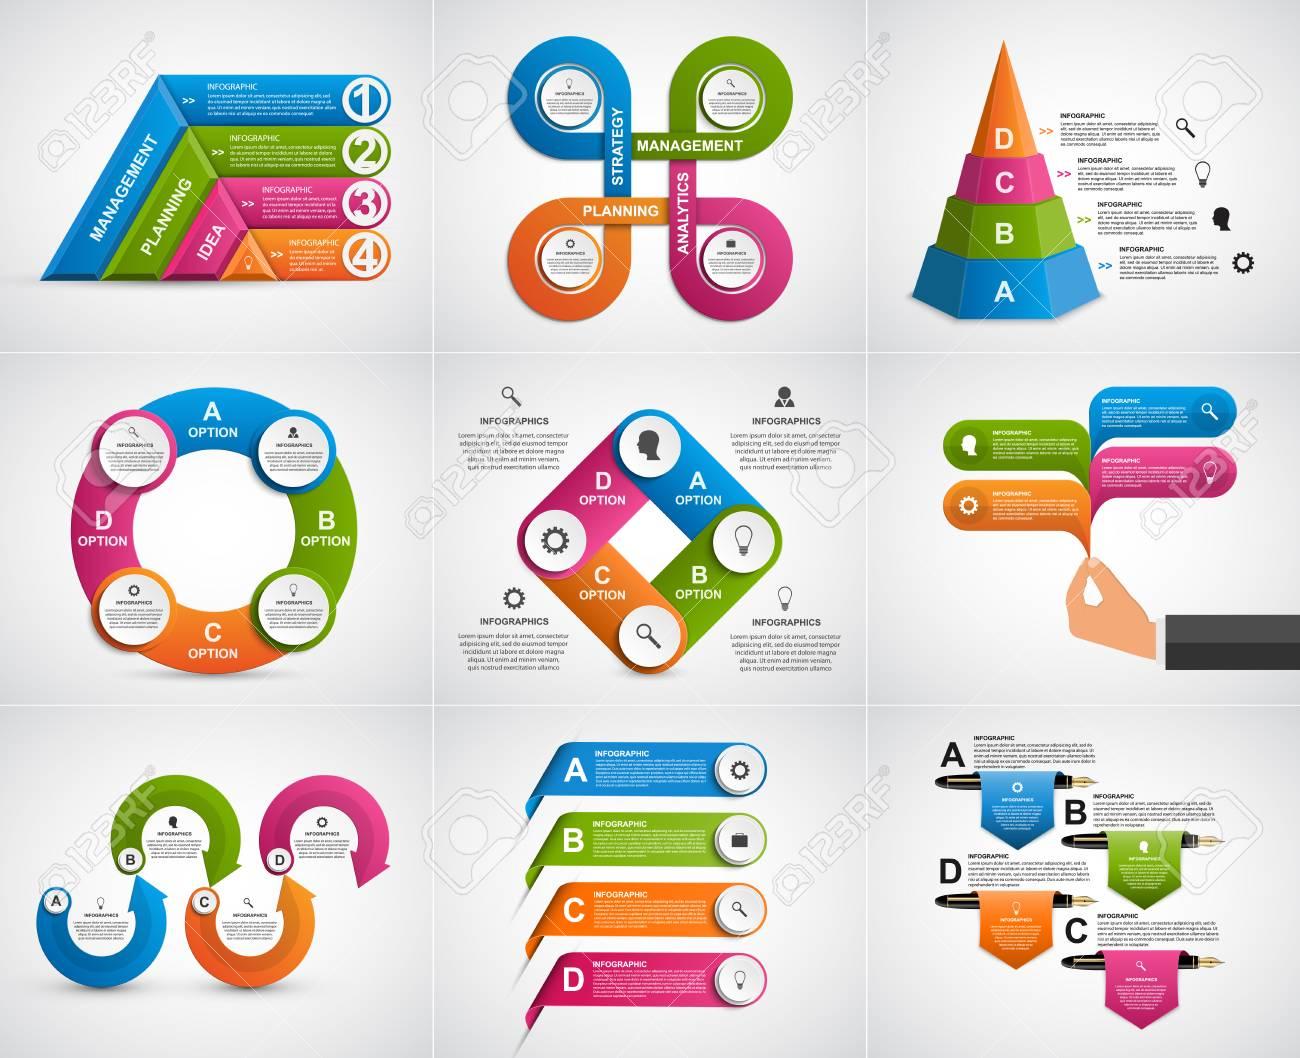 cc6b67bd5ab1a Foto de archivo - Infografía de recogida. Elementos de diseño. Infografía  para presentaciones de negocios o titular de información.